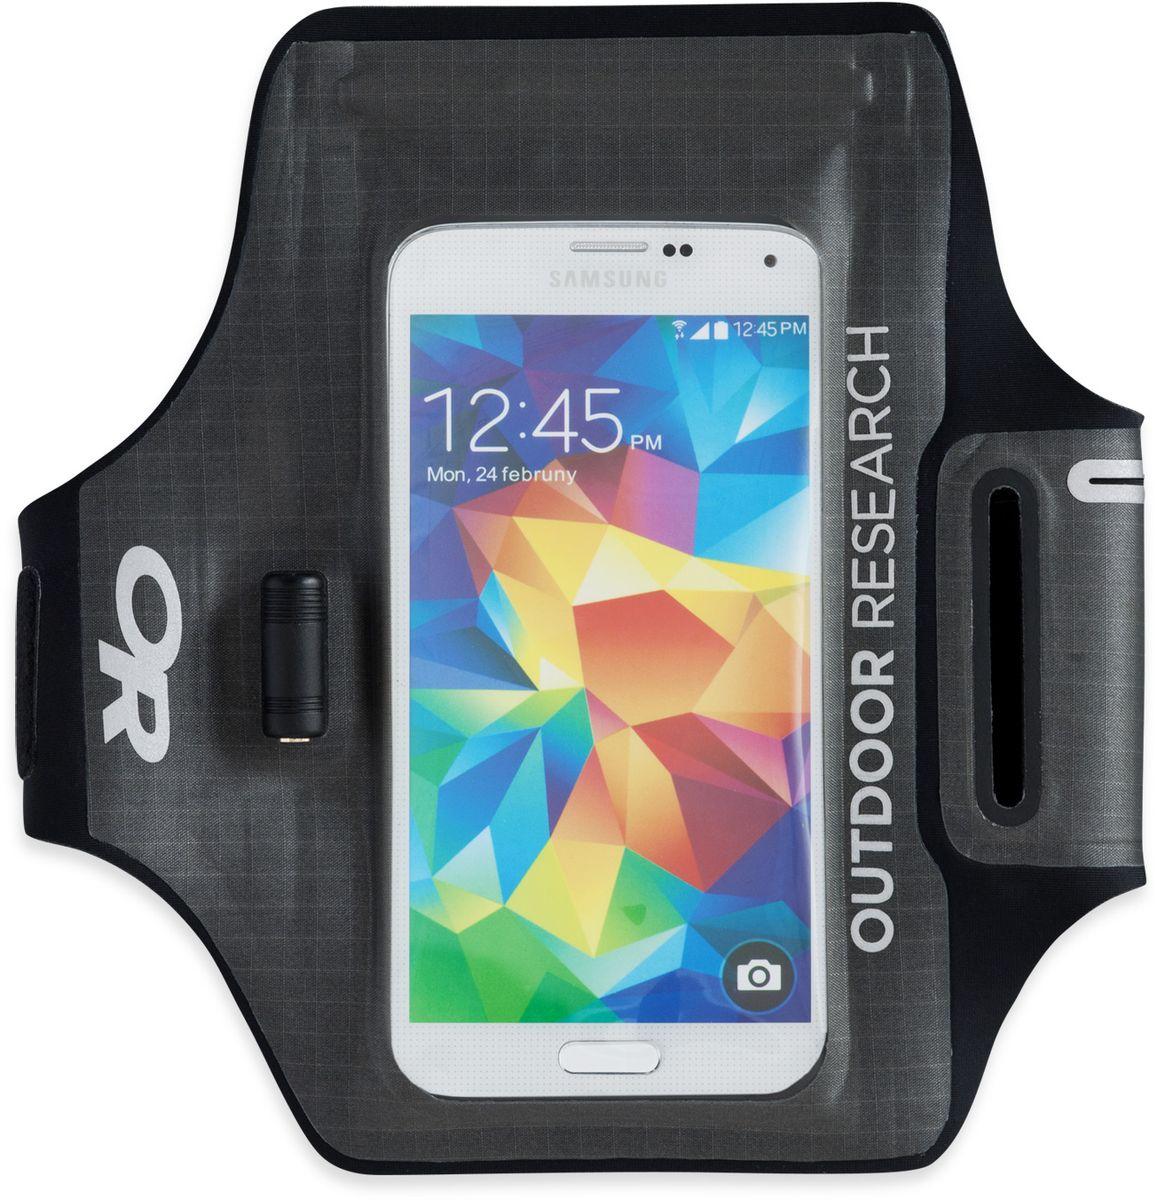 Гермочехол для электроники Outdoor Research Sens Dry Pocket Armband, цвет: серый2440220890Полностью непромокаемый гермочехол Outdoor Research сохранит ваше электронное устройство от попадания влаги. Сенсорный экран позволяет пользоваться телефоном в любых экстремальных условиях. Имеется прозрачное окошко для внешней камеры и водонепроницаемый разъем под наушники. Чехол удобно крепится на руку при помощи браслета на липучке. Добавление материала EVA позволяет улучшить плавучесть чехла. Подходит для iPhone 6/6S, Samsung Galaxy S5 & S6. Не совместим с кнопкой Home в iPhone 7, на прокрутку экрана это не влияет. Длина (с ремешком): 53,3 см.Размер кармана: 10 х 16 см.